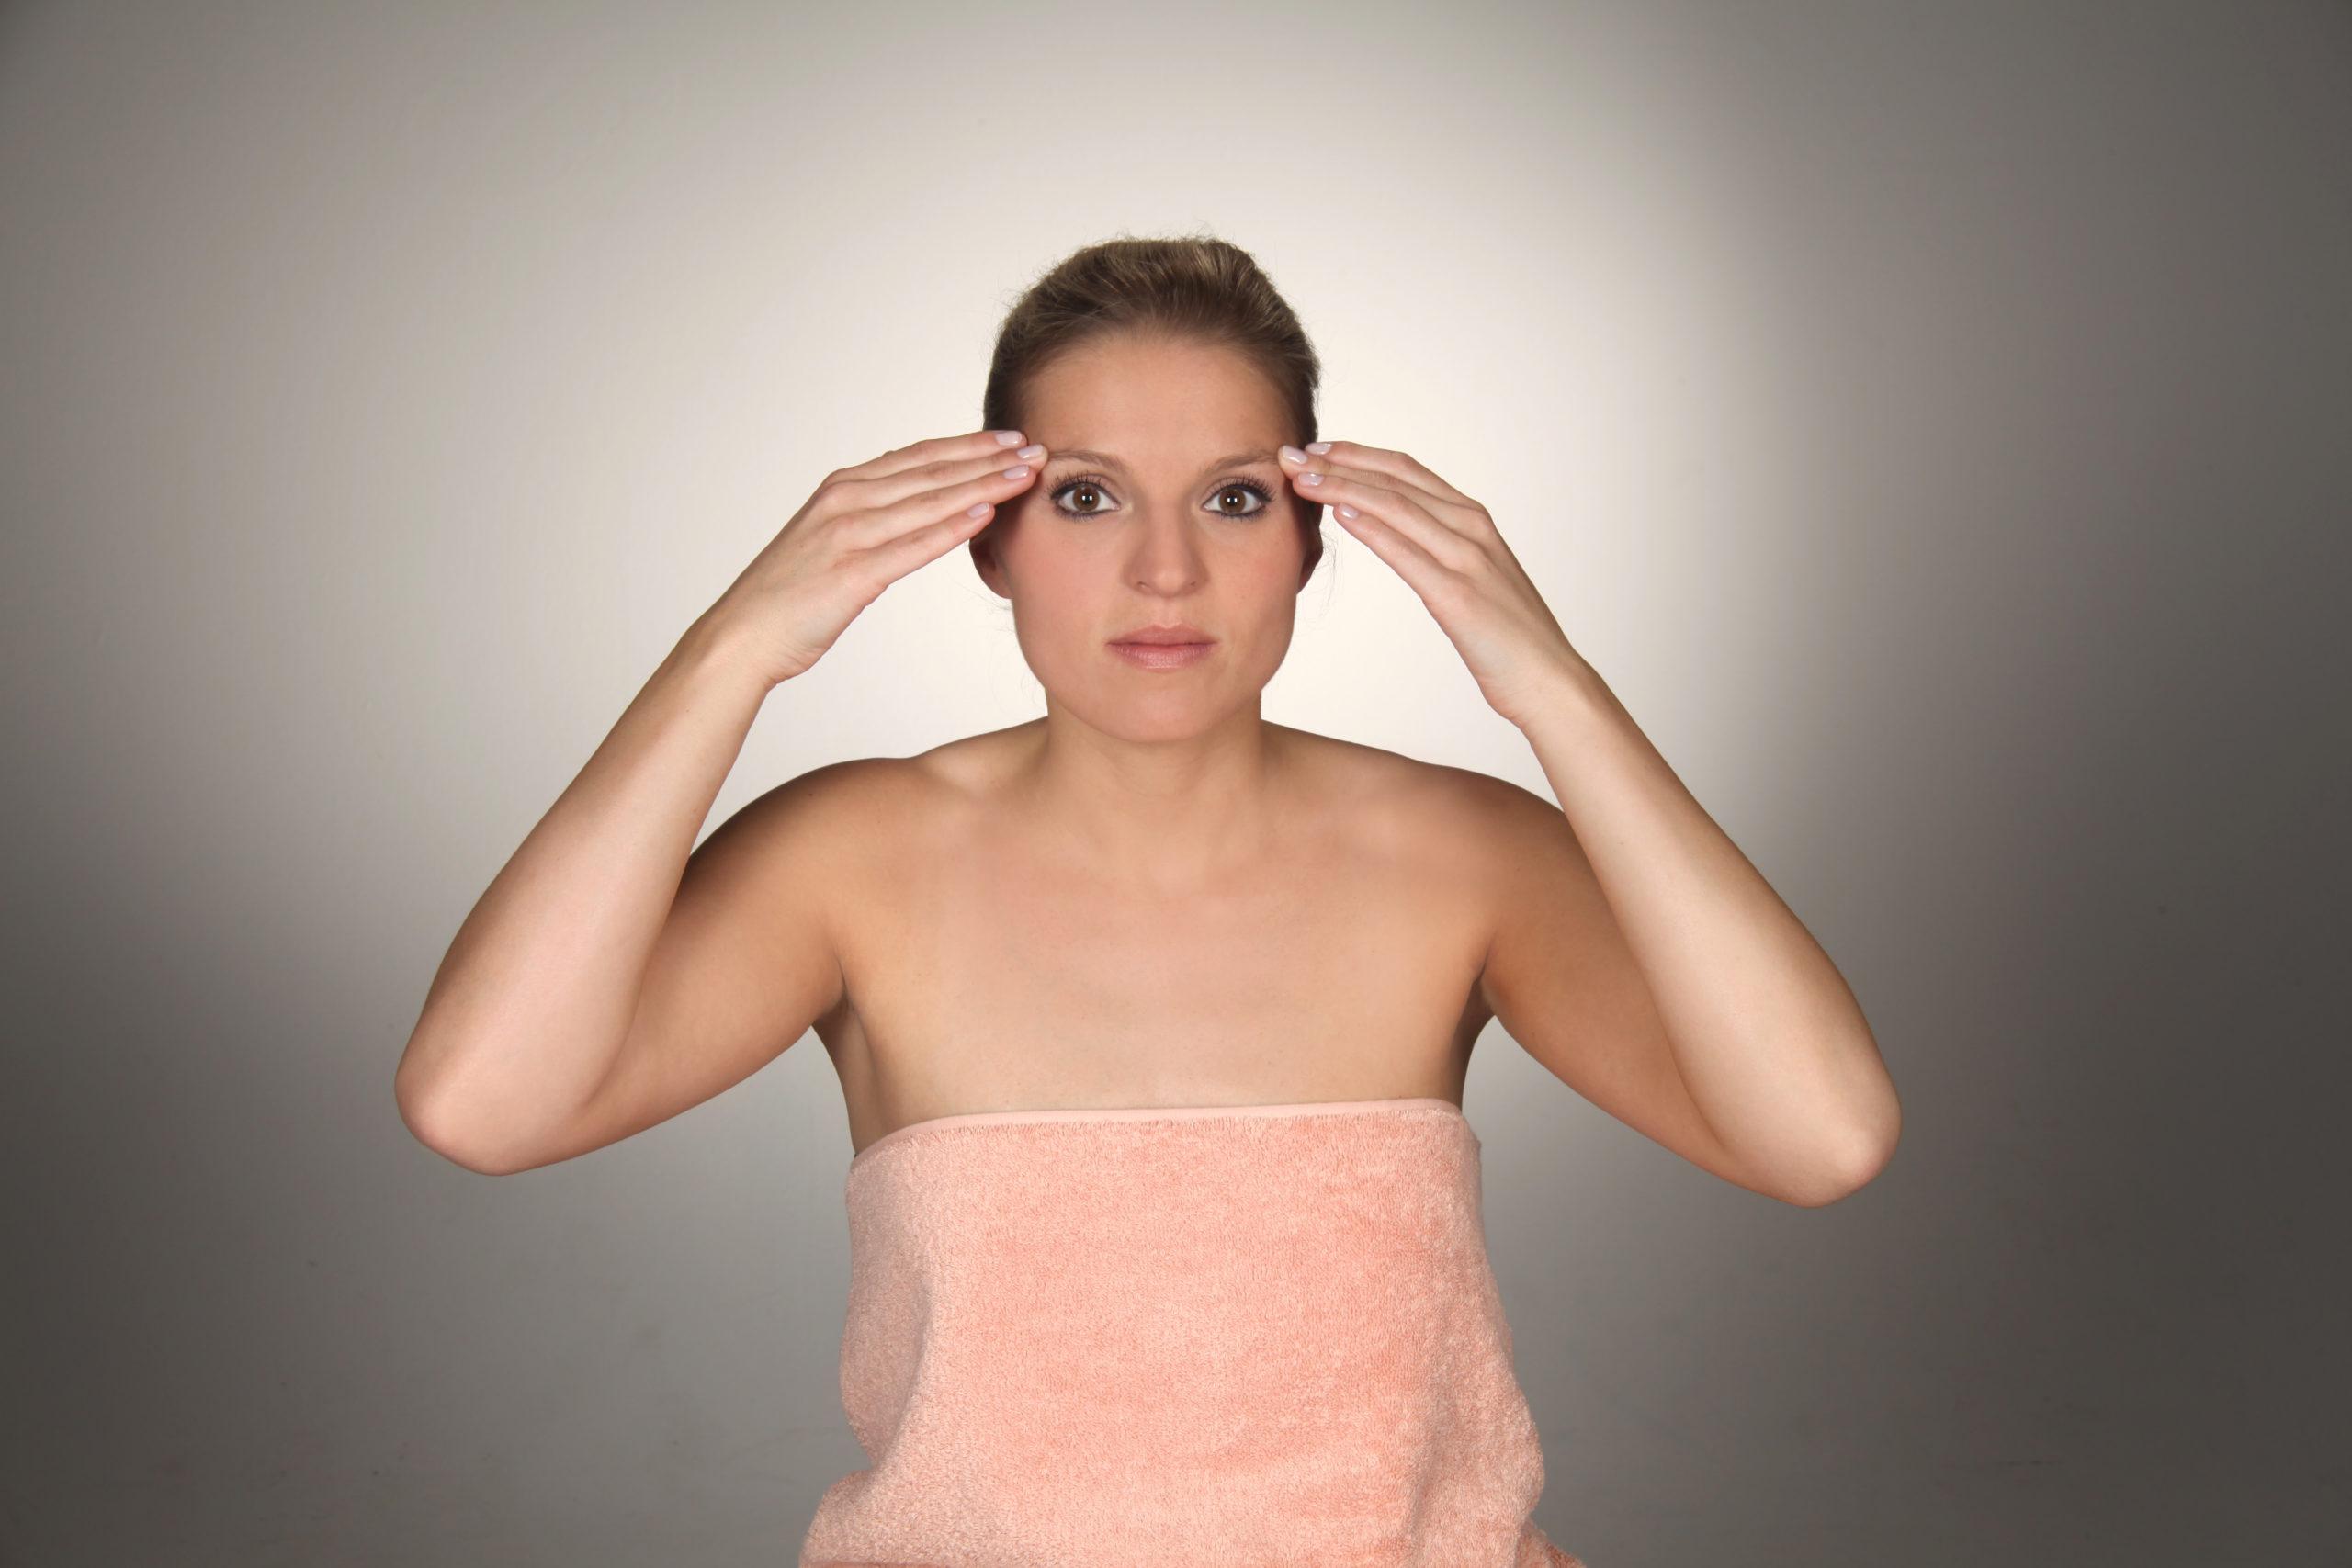 Kosmetische Gesichtsmassage - Augenbrauen drücken